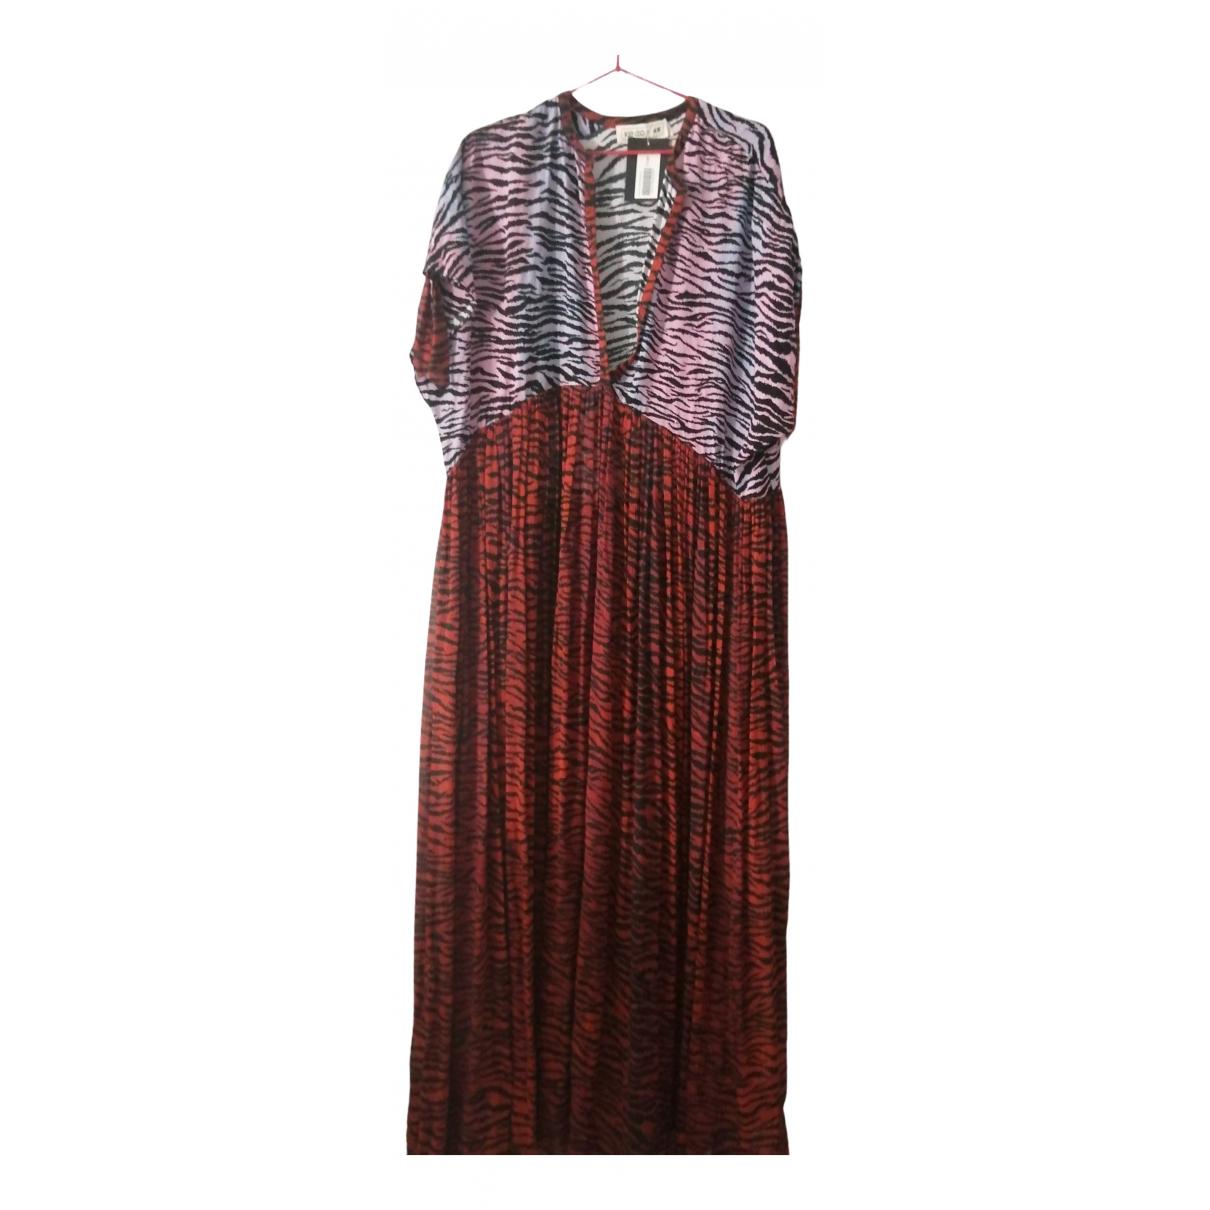 Kenzo X H&m \N Kleid in  Bunt Baumwolle